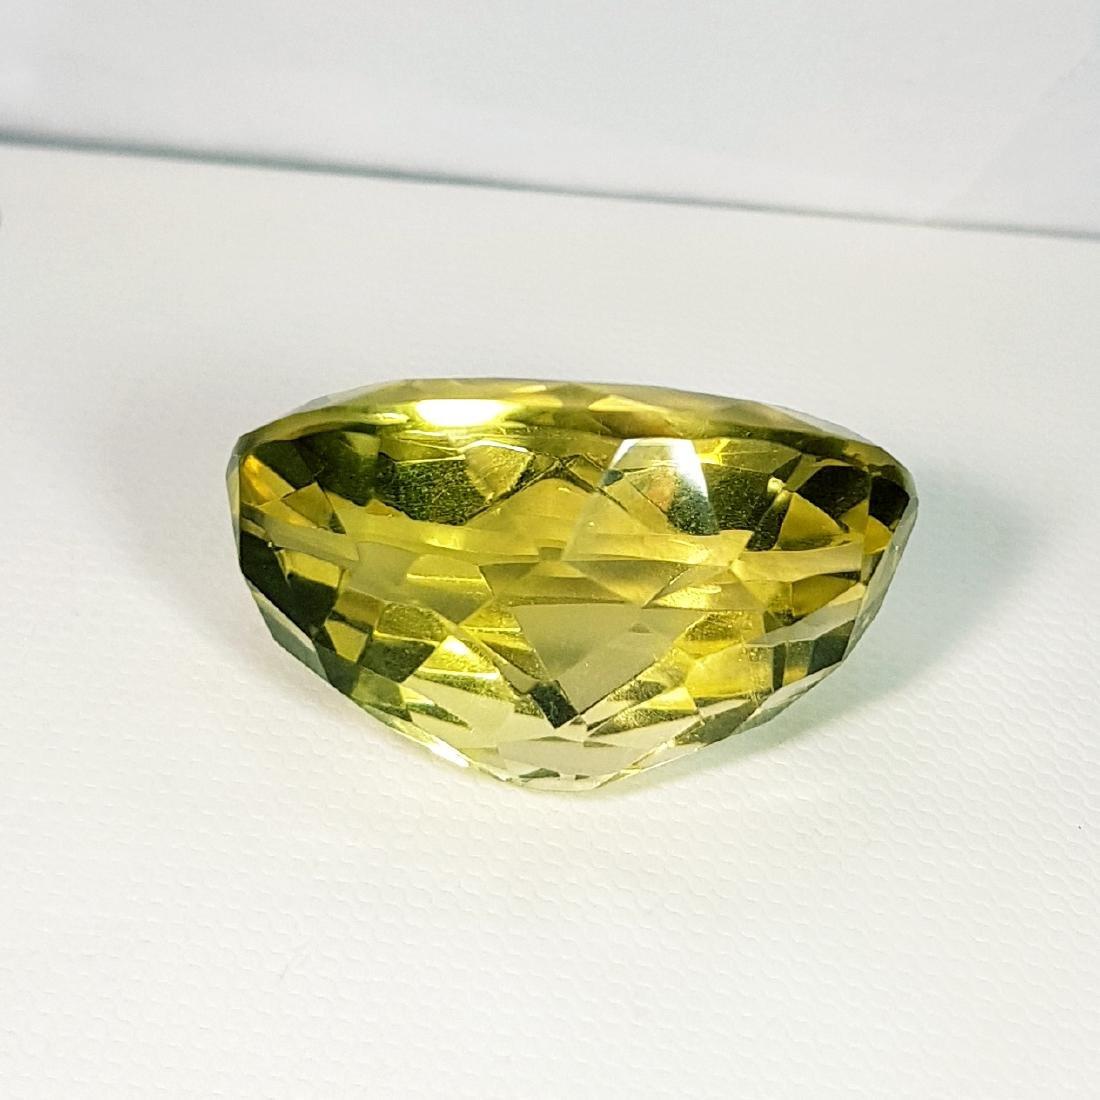 Green Gold Quartz - 70.84 ct - 3